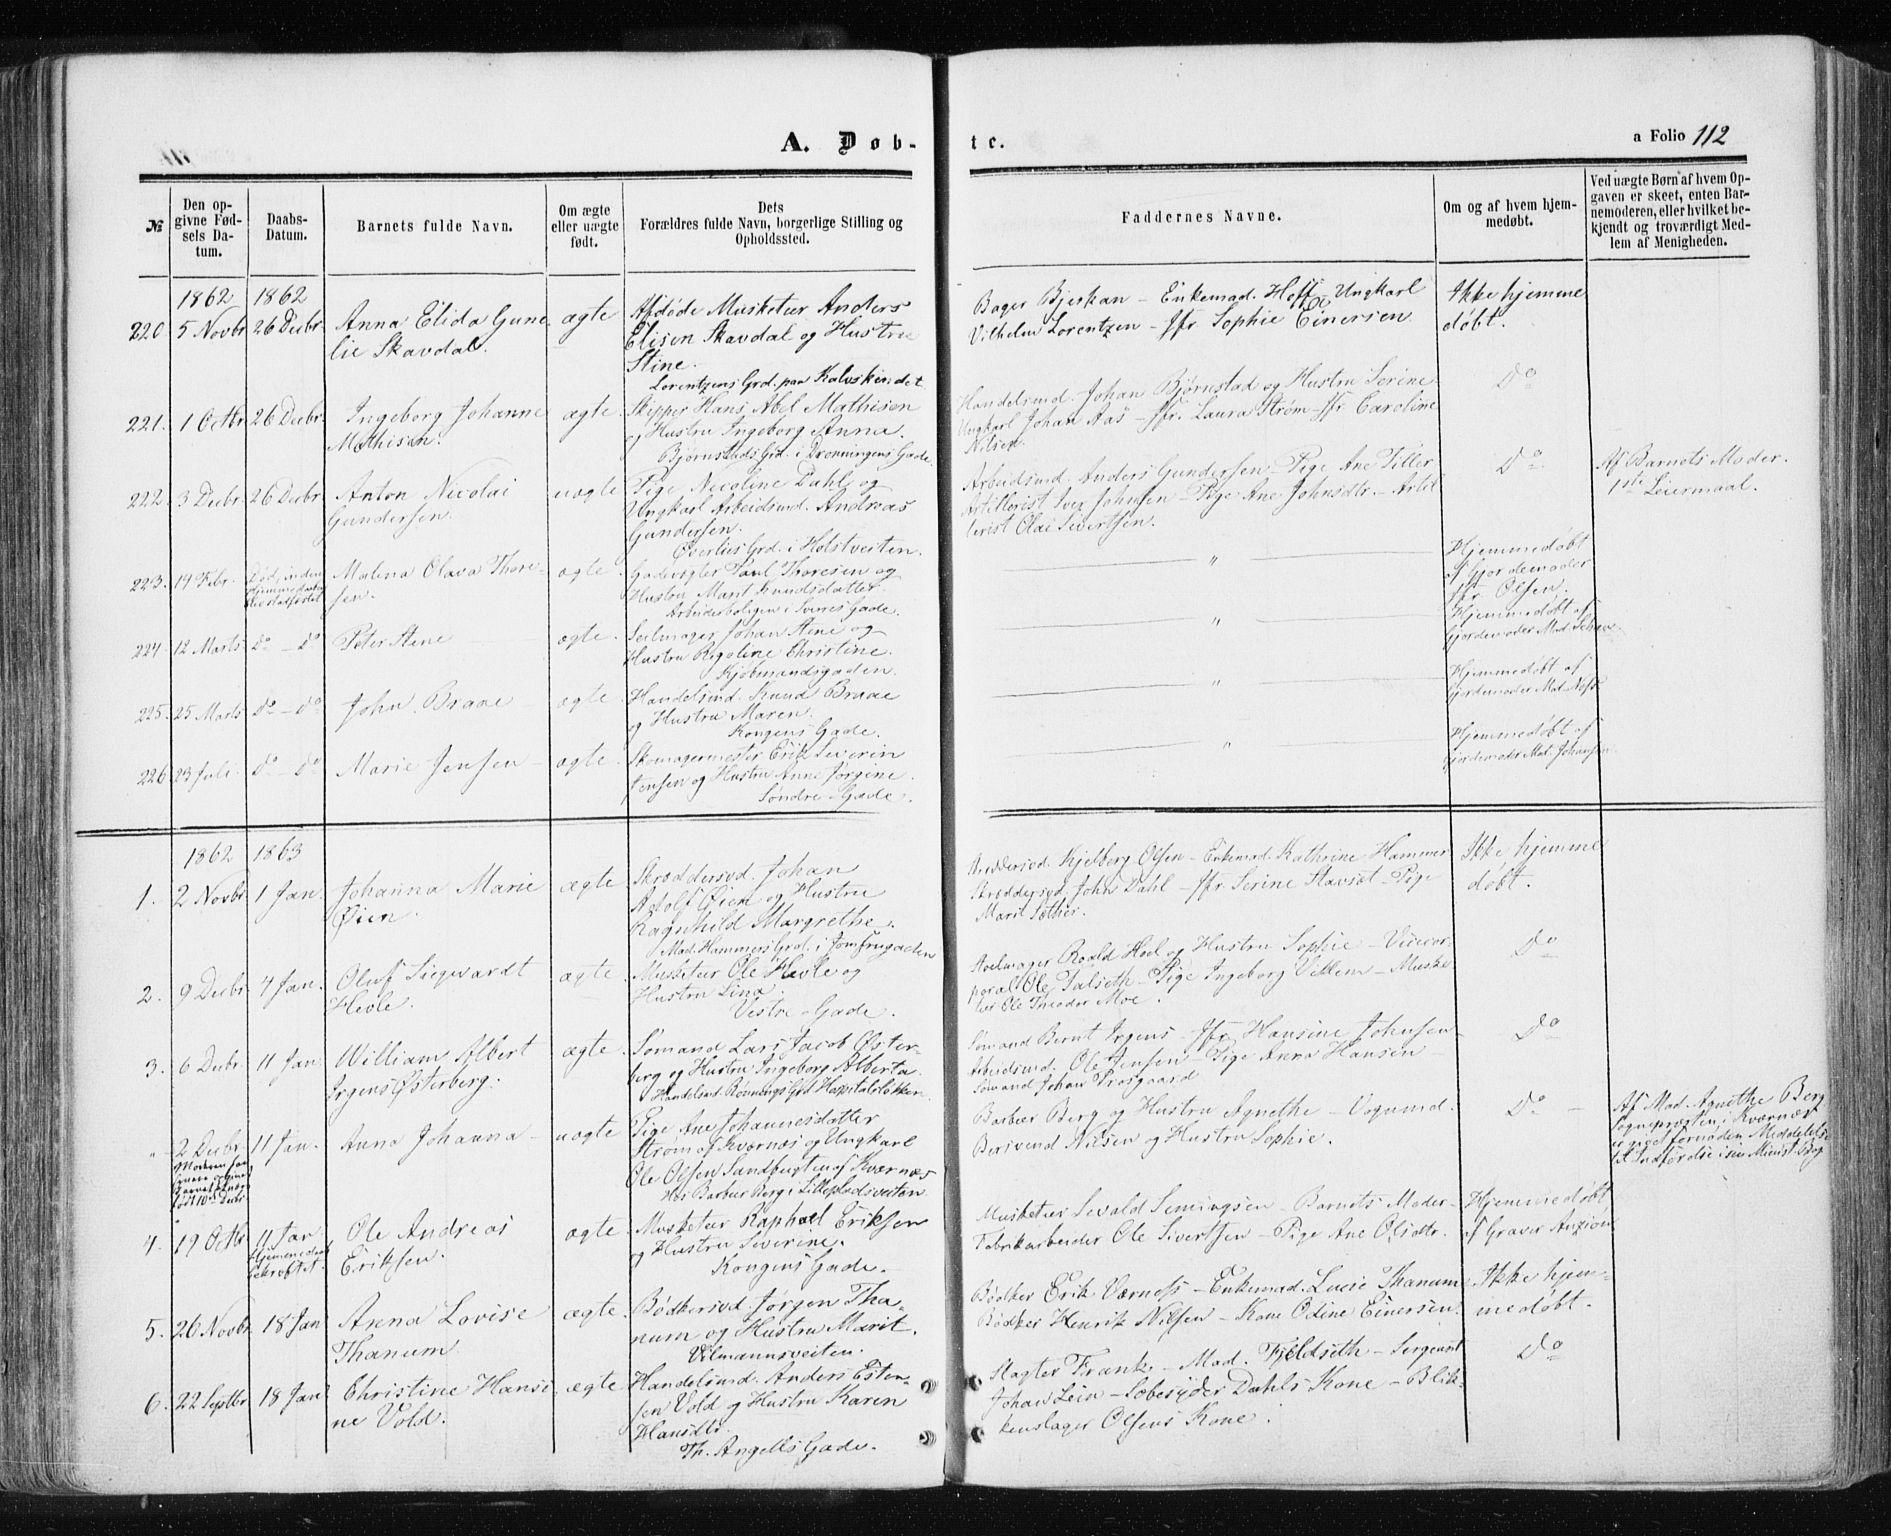 SAT, Ministerialprotokoller, klokkerbøker og fødselsregistre - Sør-Trøndelag, 601/L0053: Ministerialbok nr. 601A21, 1857-1865, s. 112